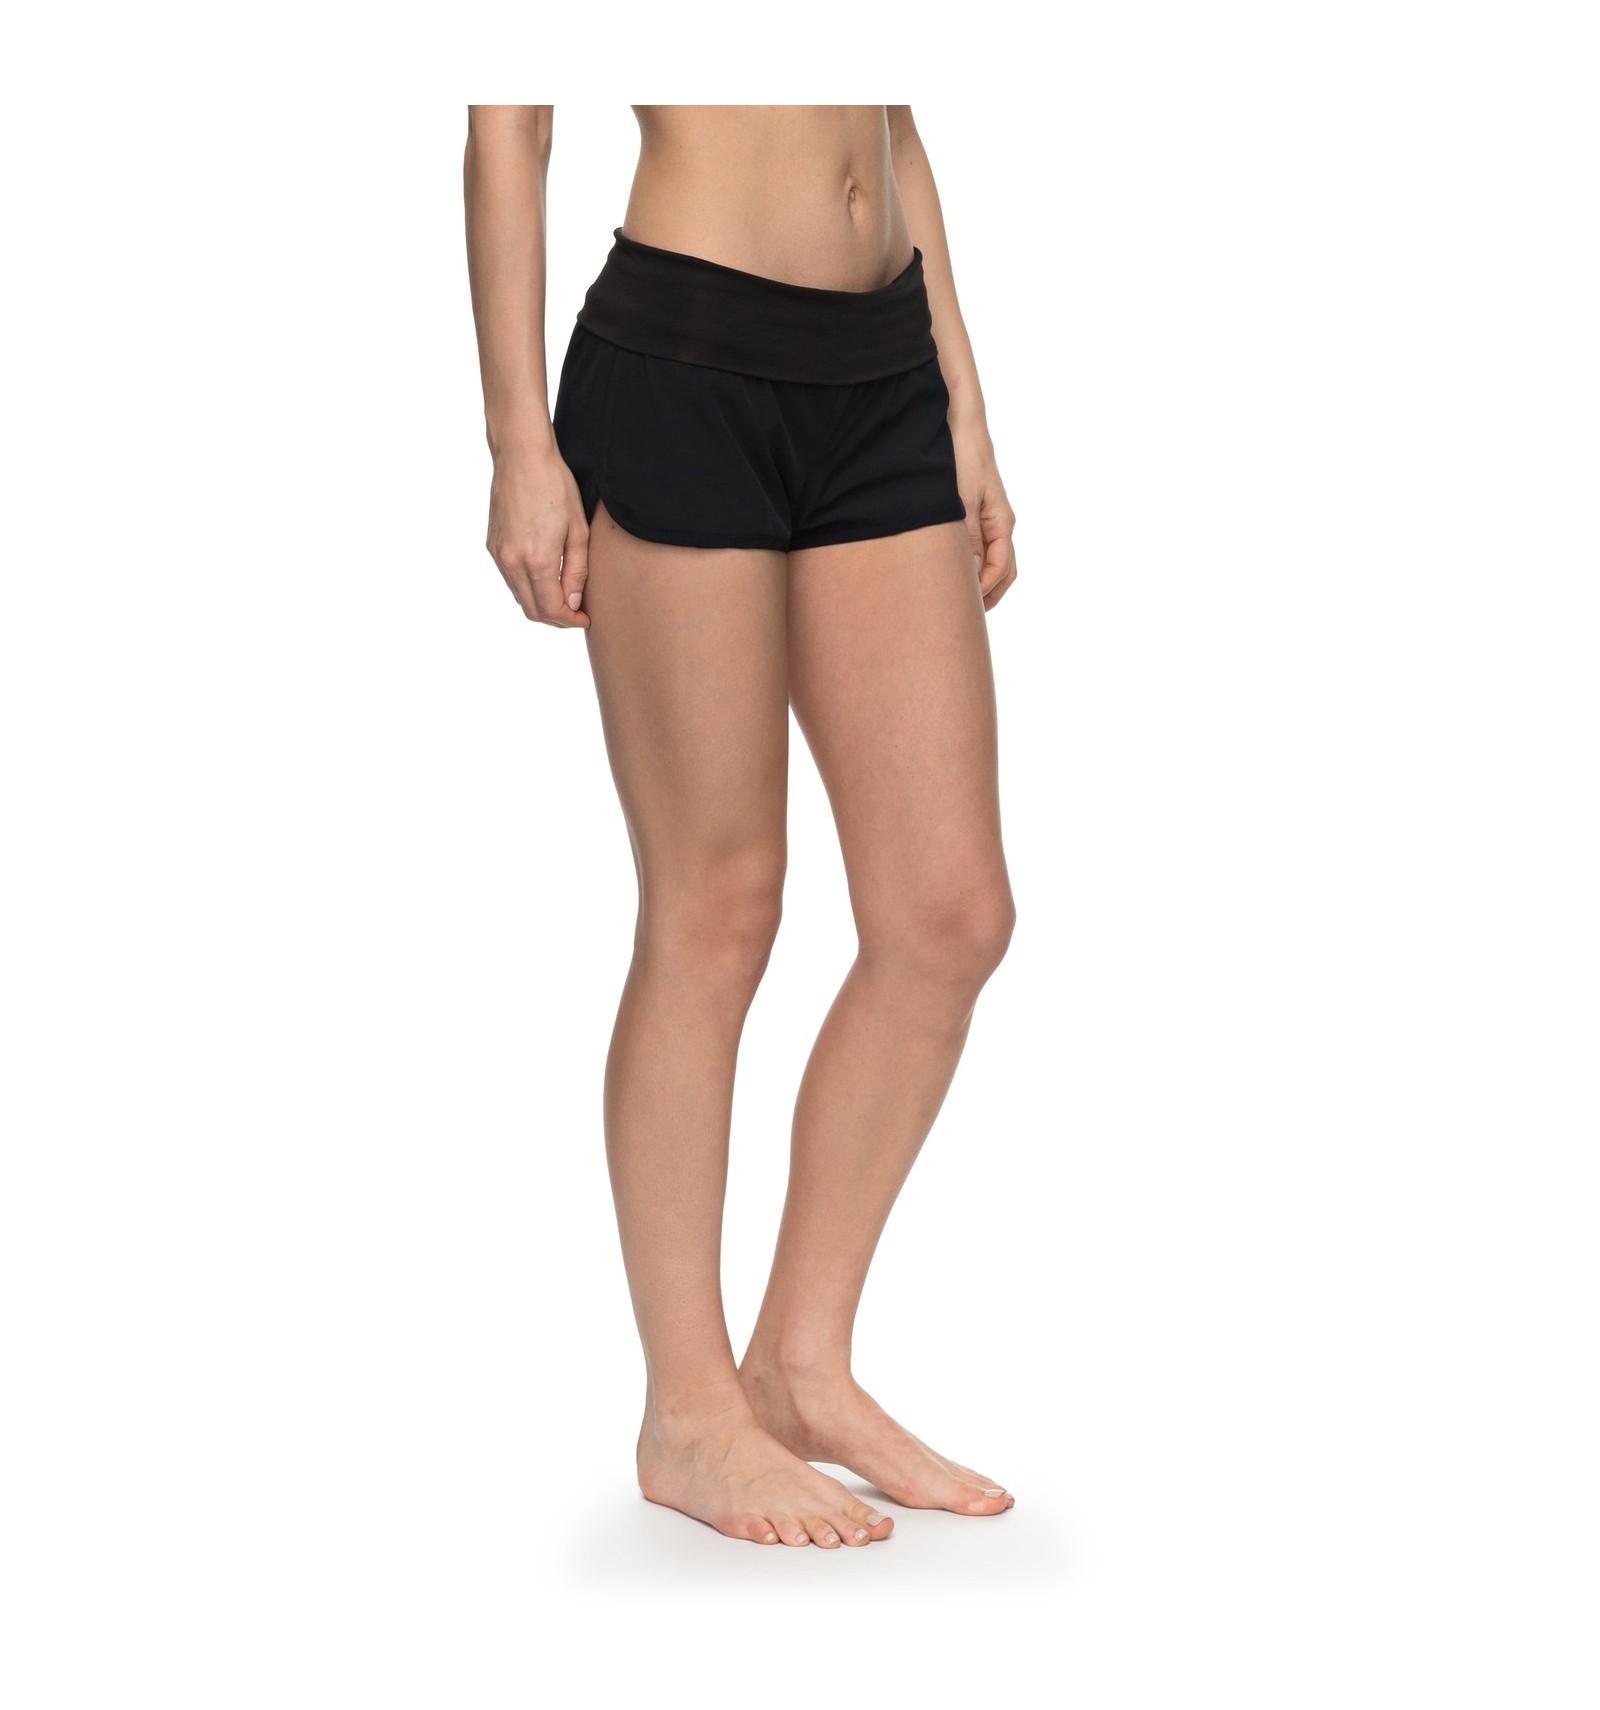 64a274bd498 Short ROXY mujer - Vicunasport - Tu tienda de deportes en internet.